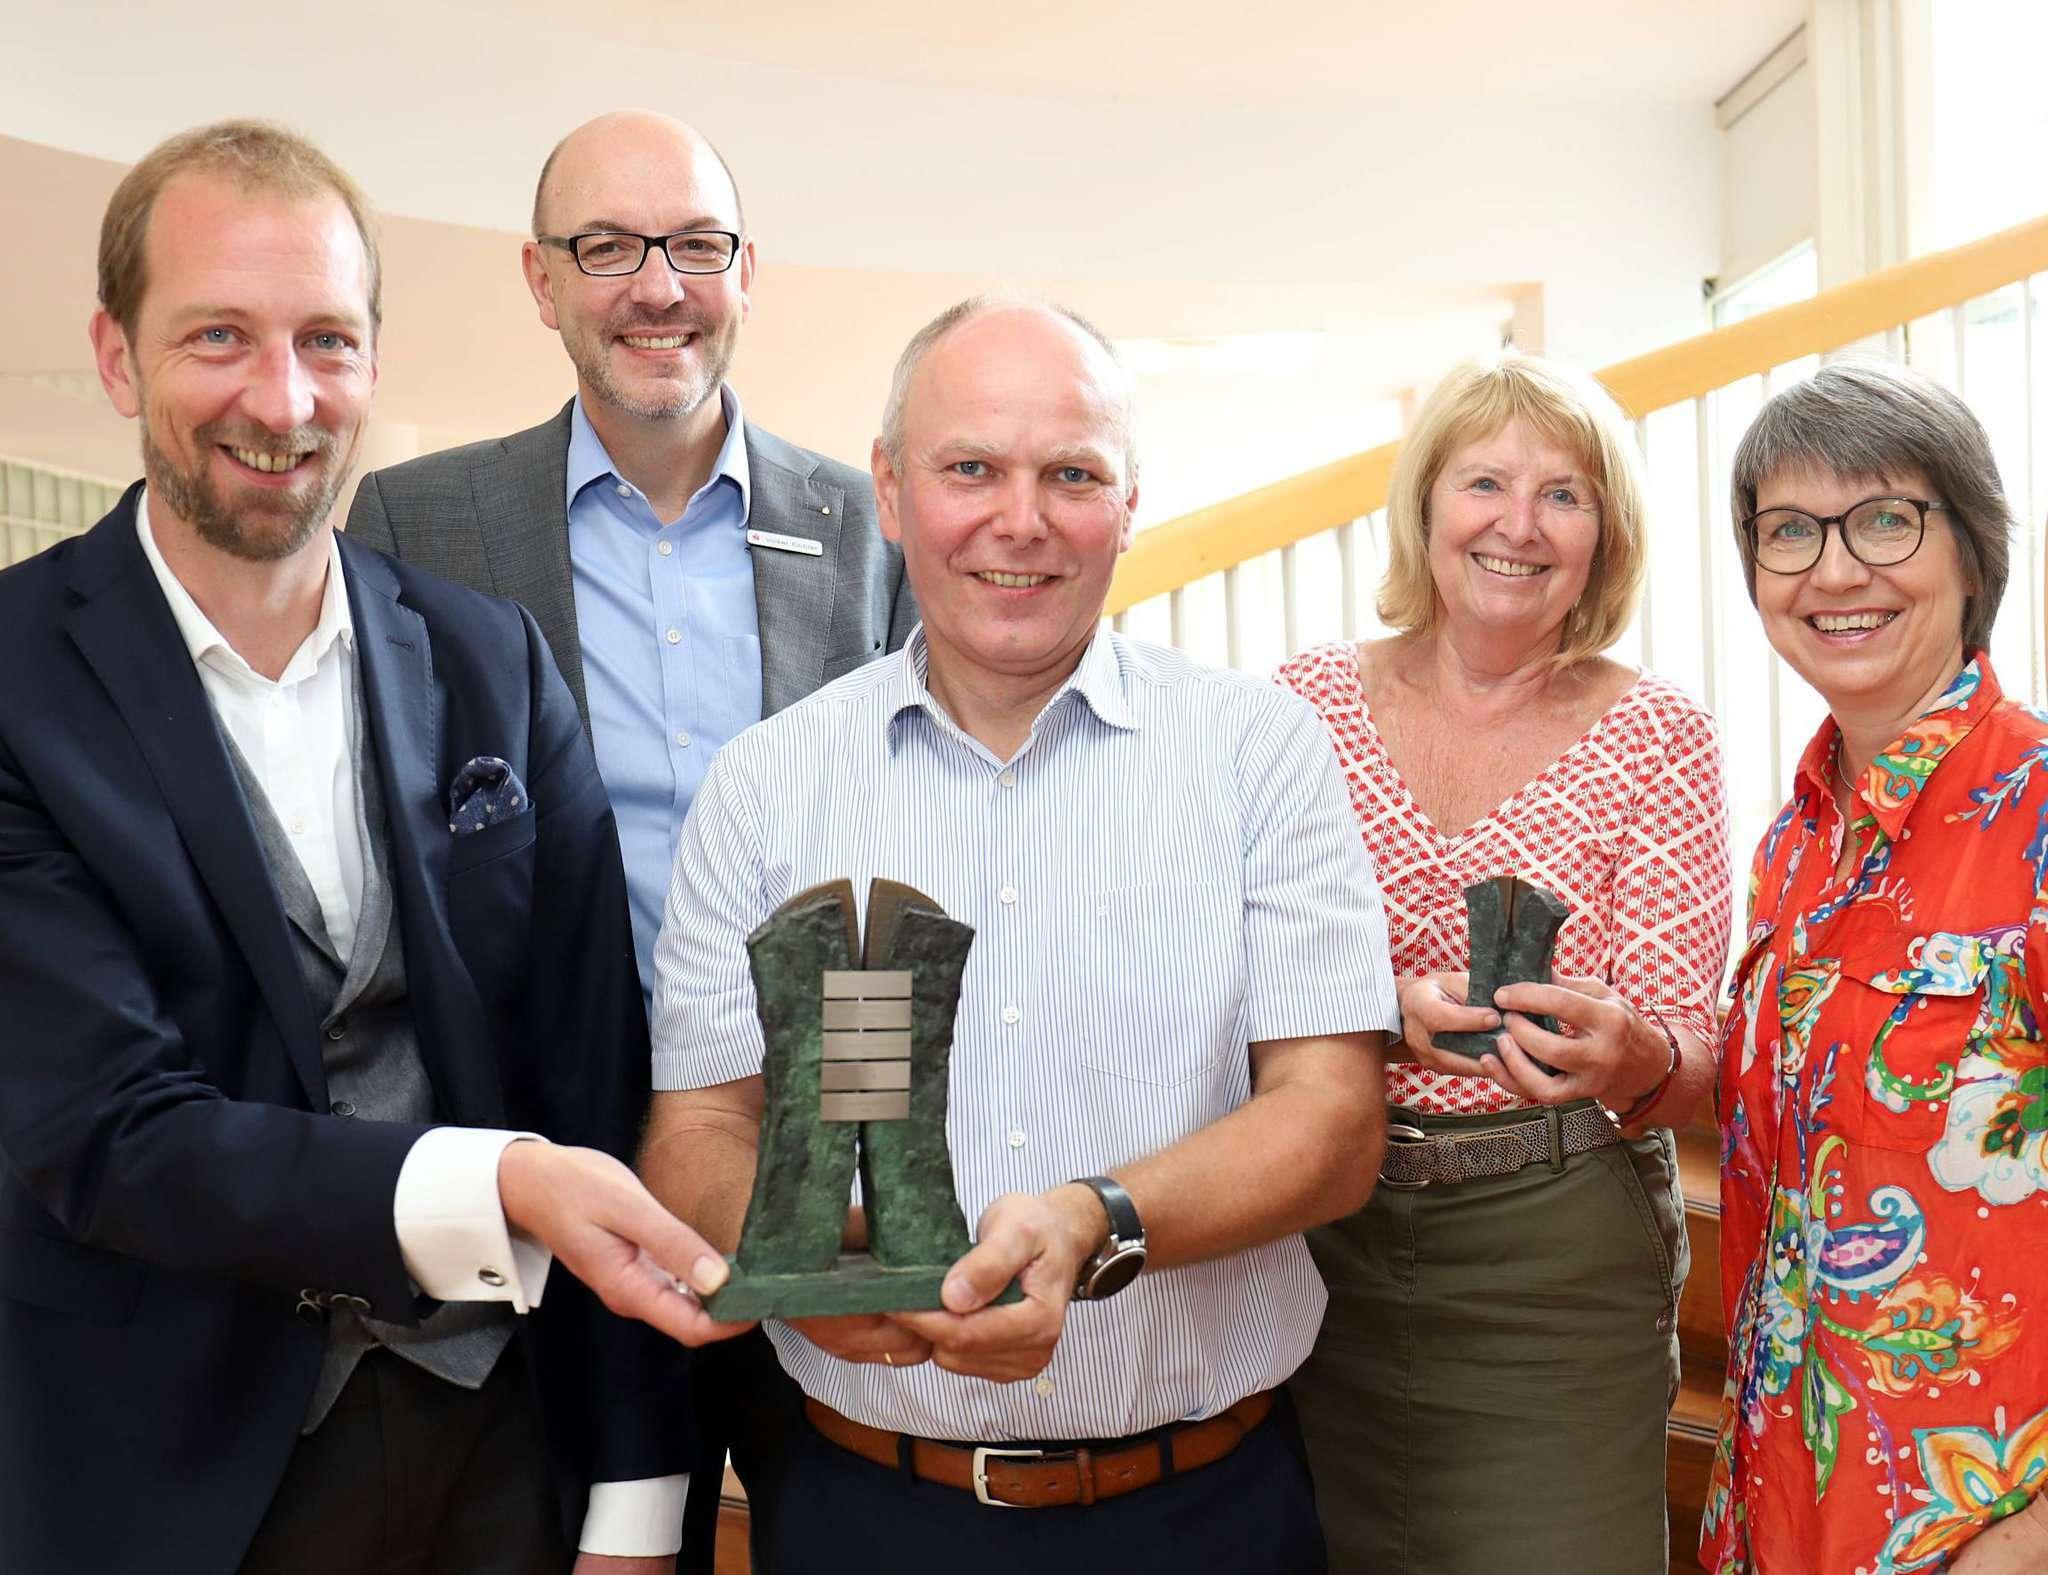 Heiko Kehrstephan (von links), Volker Eichler, Heiko Westermann, Marion Bassen und Bernadette Nadermann laden zur Verleihung des Rotenburger Wirtschaftspreises am 11. September ein.